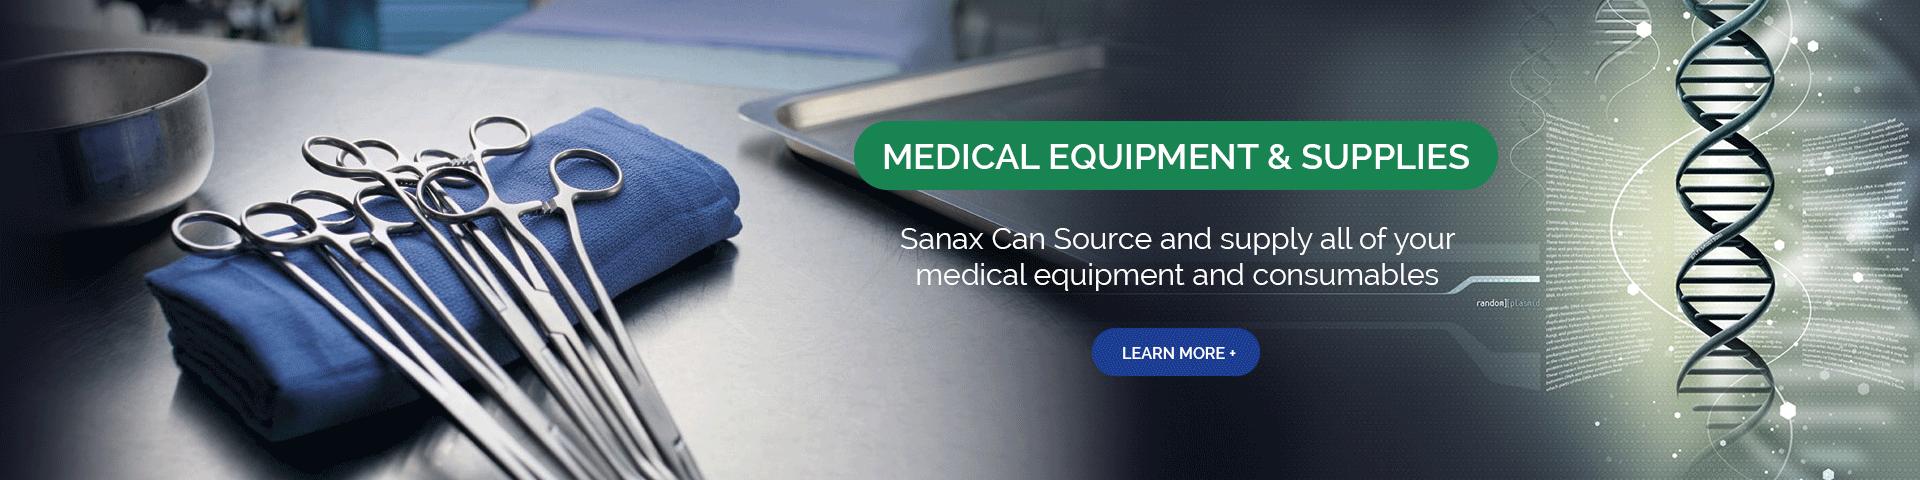 Sanax Medical